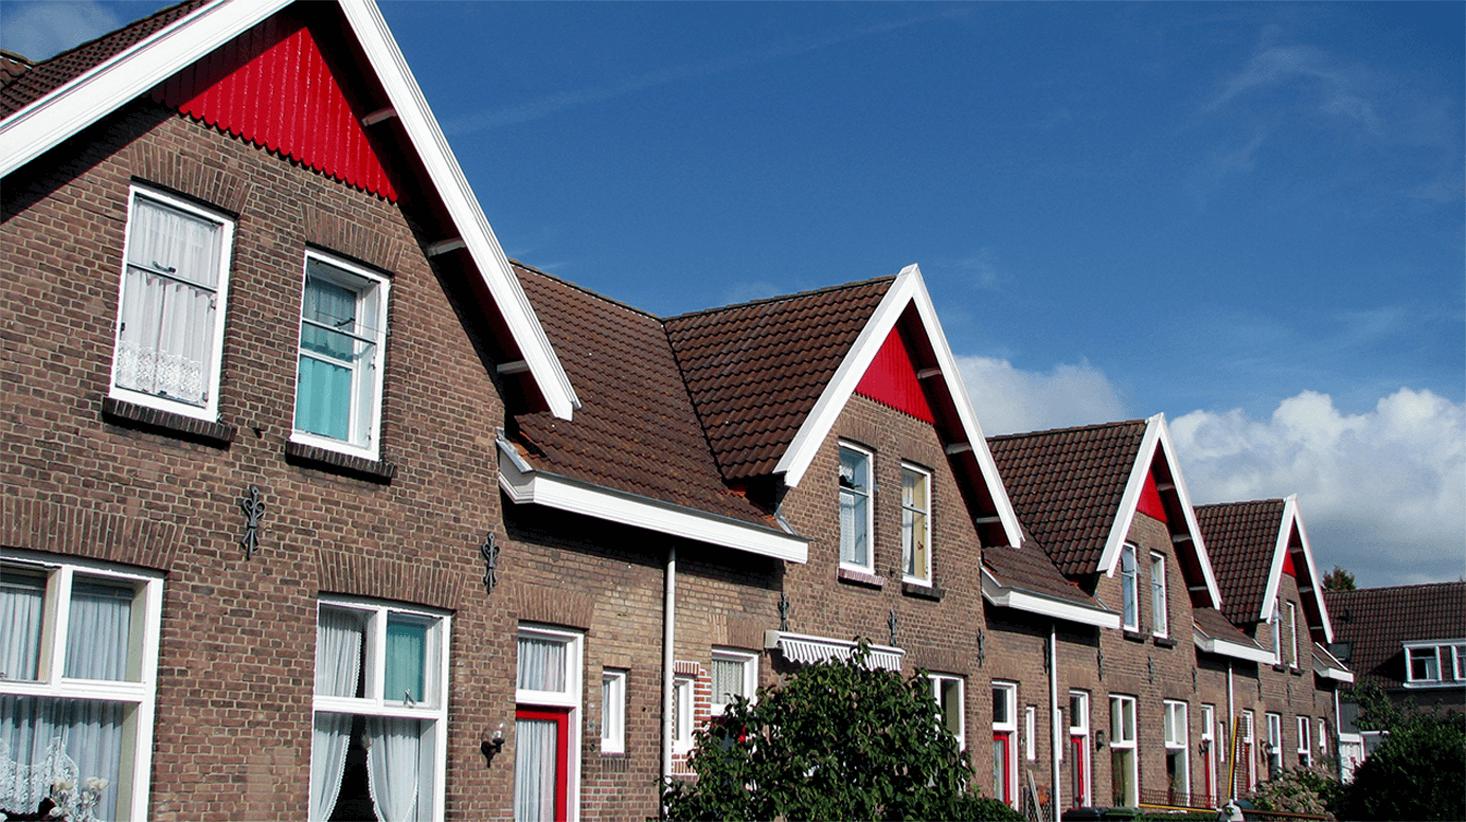 Huis verkopen aan makelaar Brabant